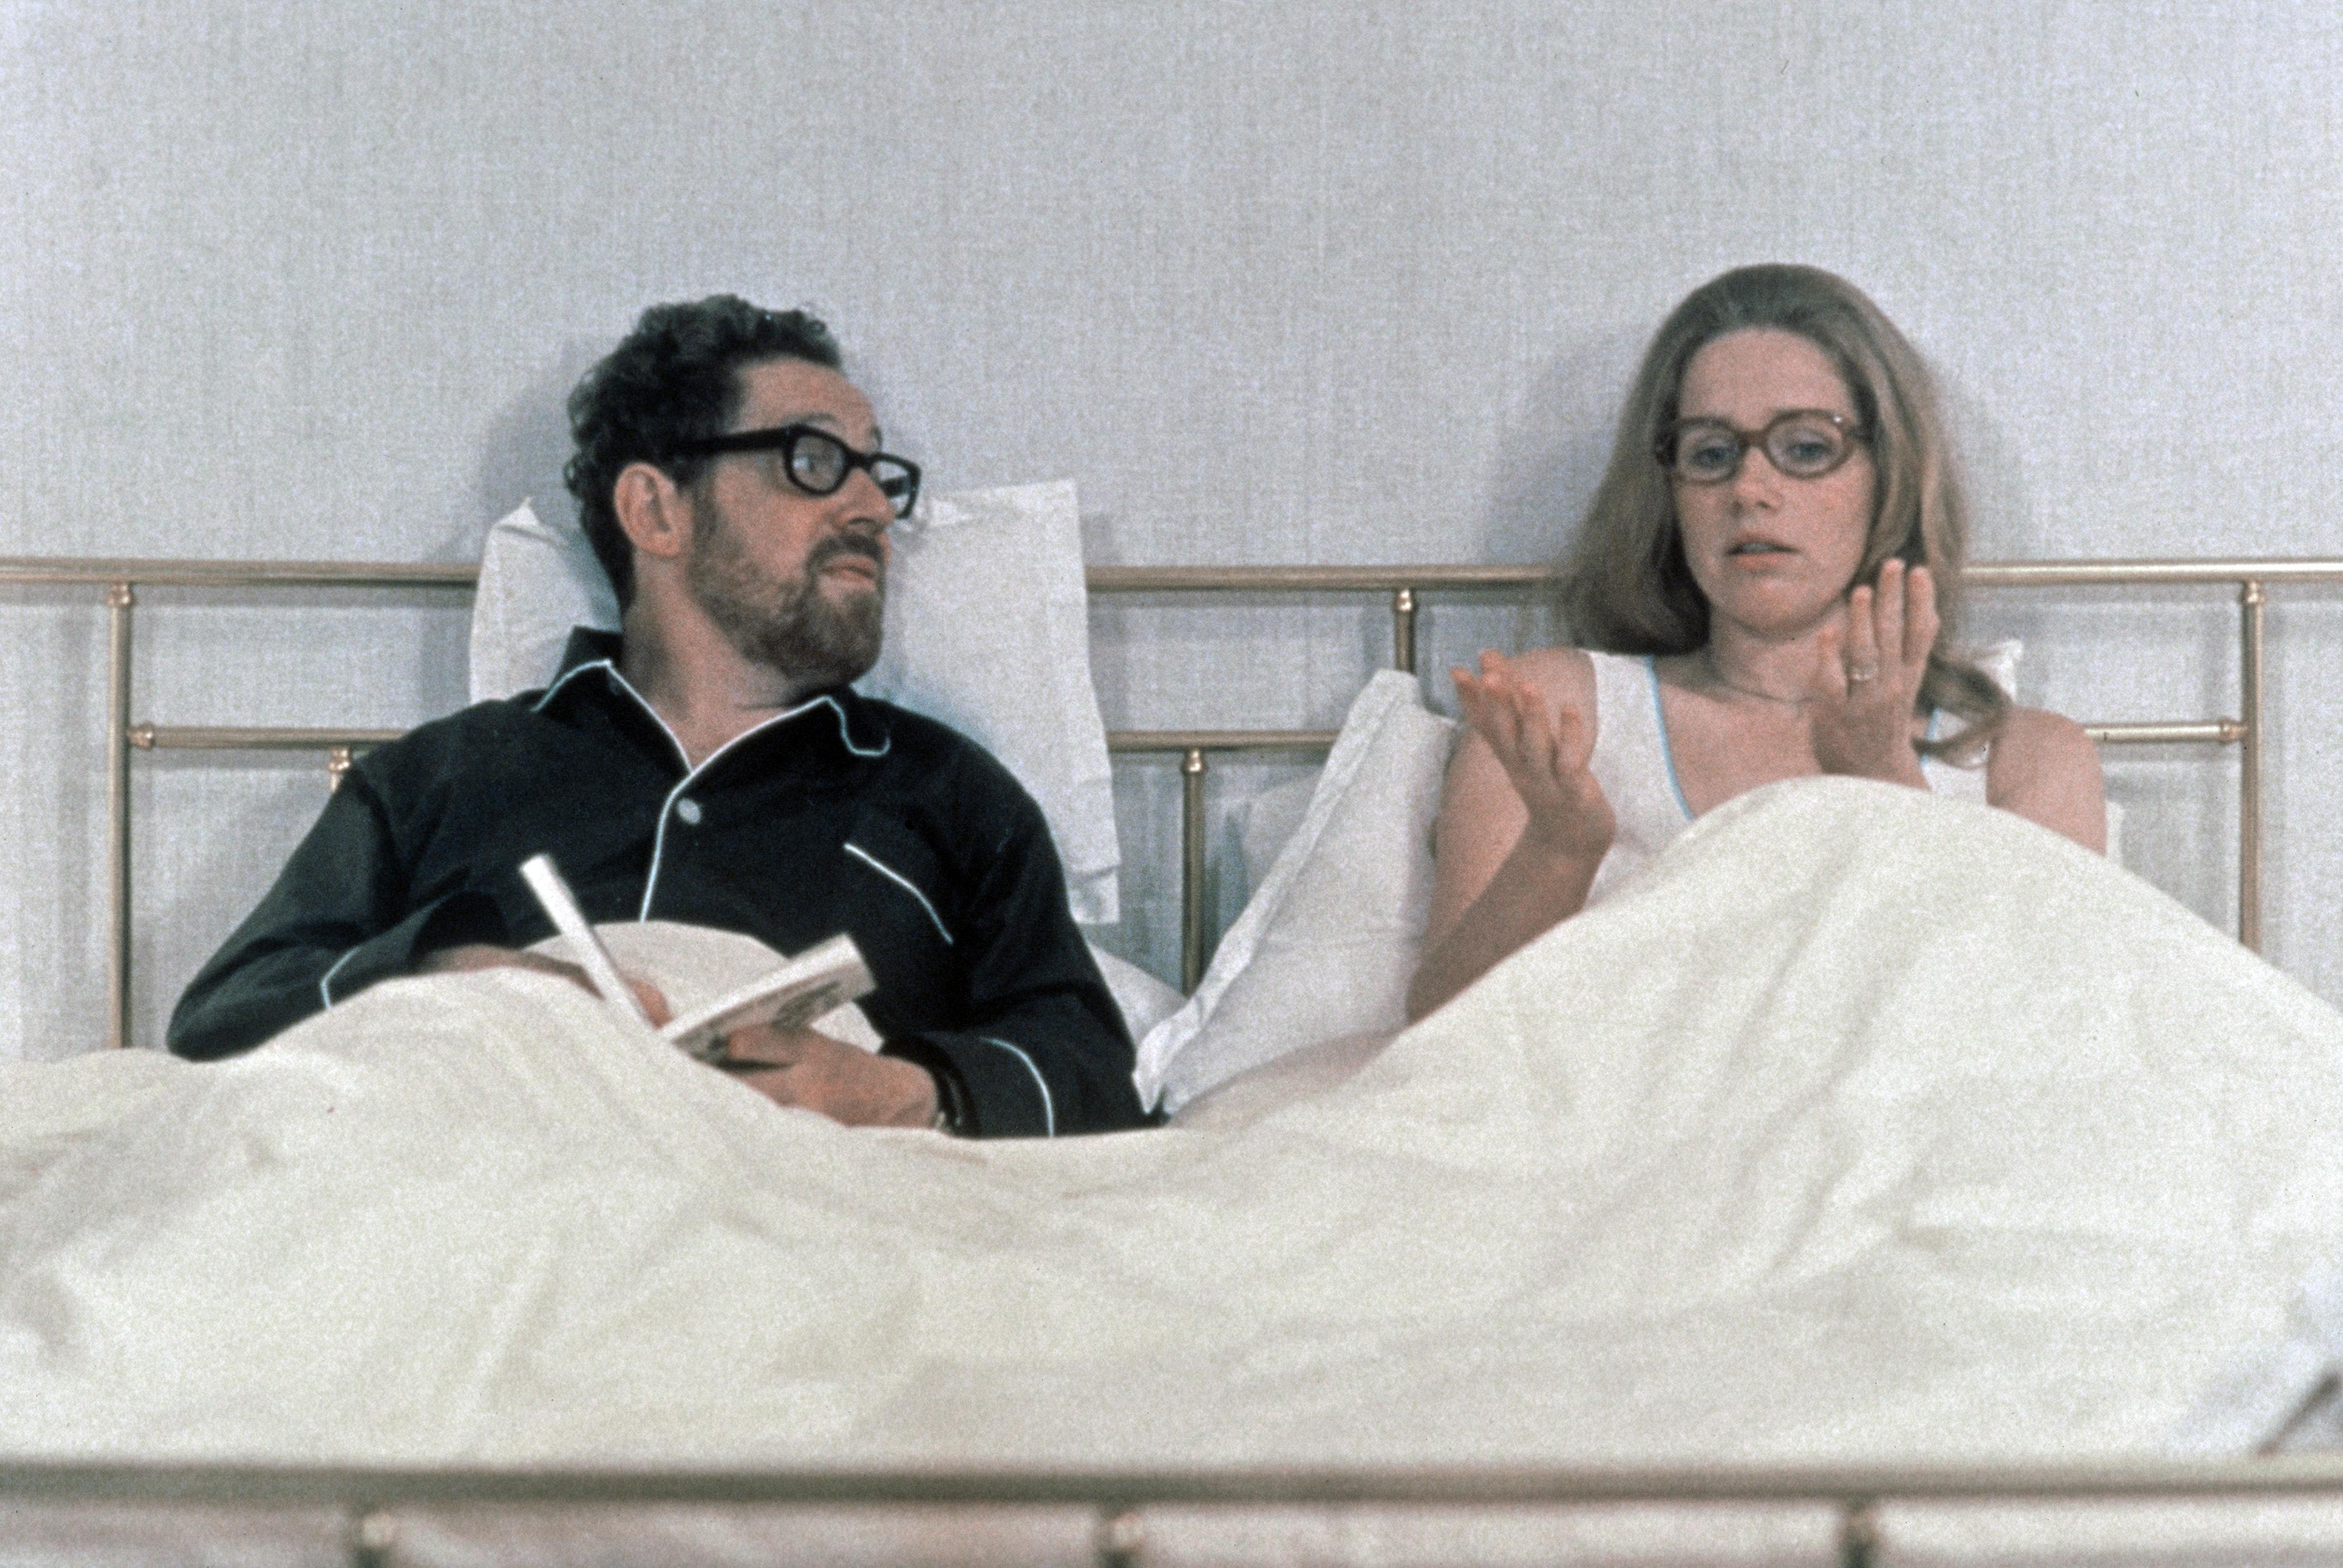 Erland Josephson and Liv Ullmann in Scener ur ett äktenskap (1973)